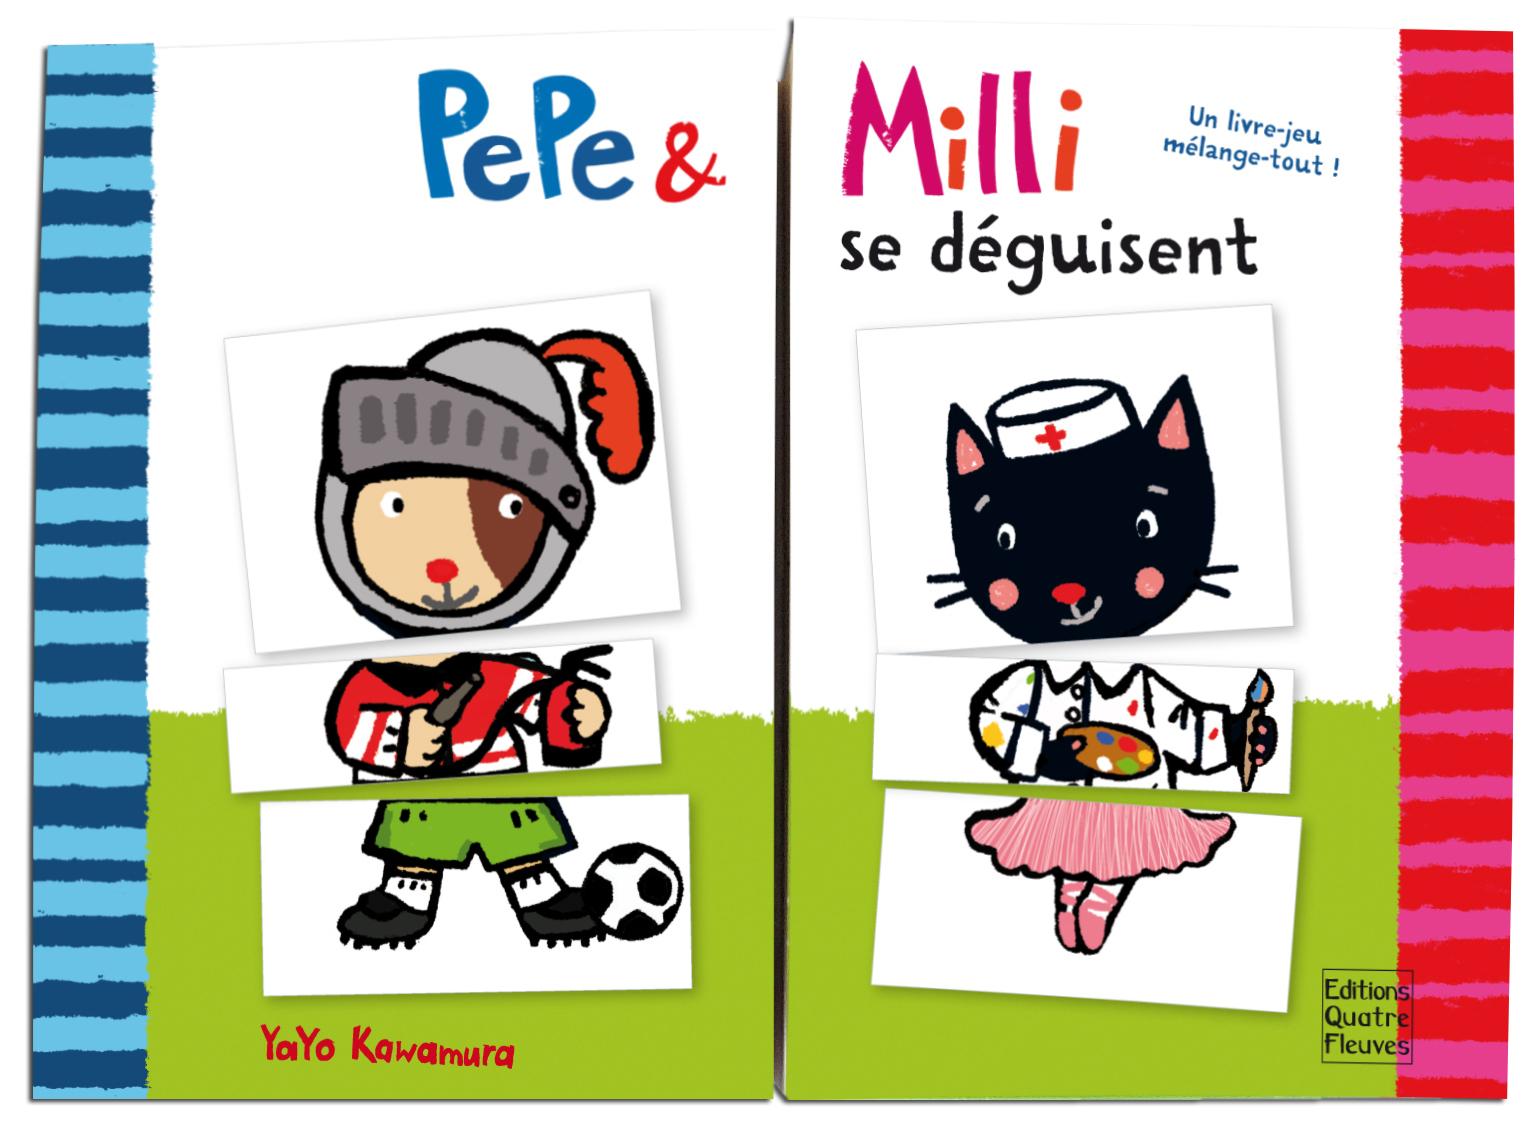 PEPE & MILLI SE DEGUISENT